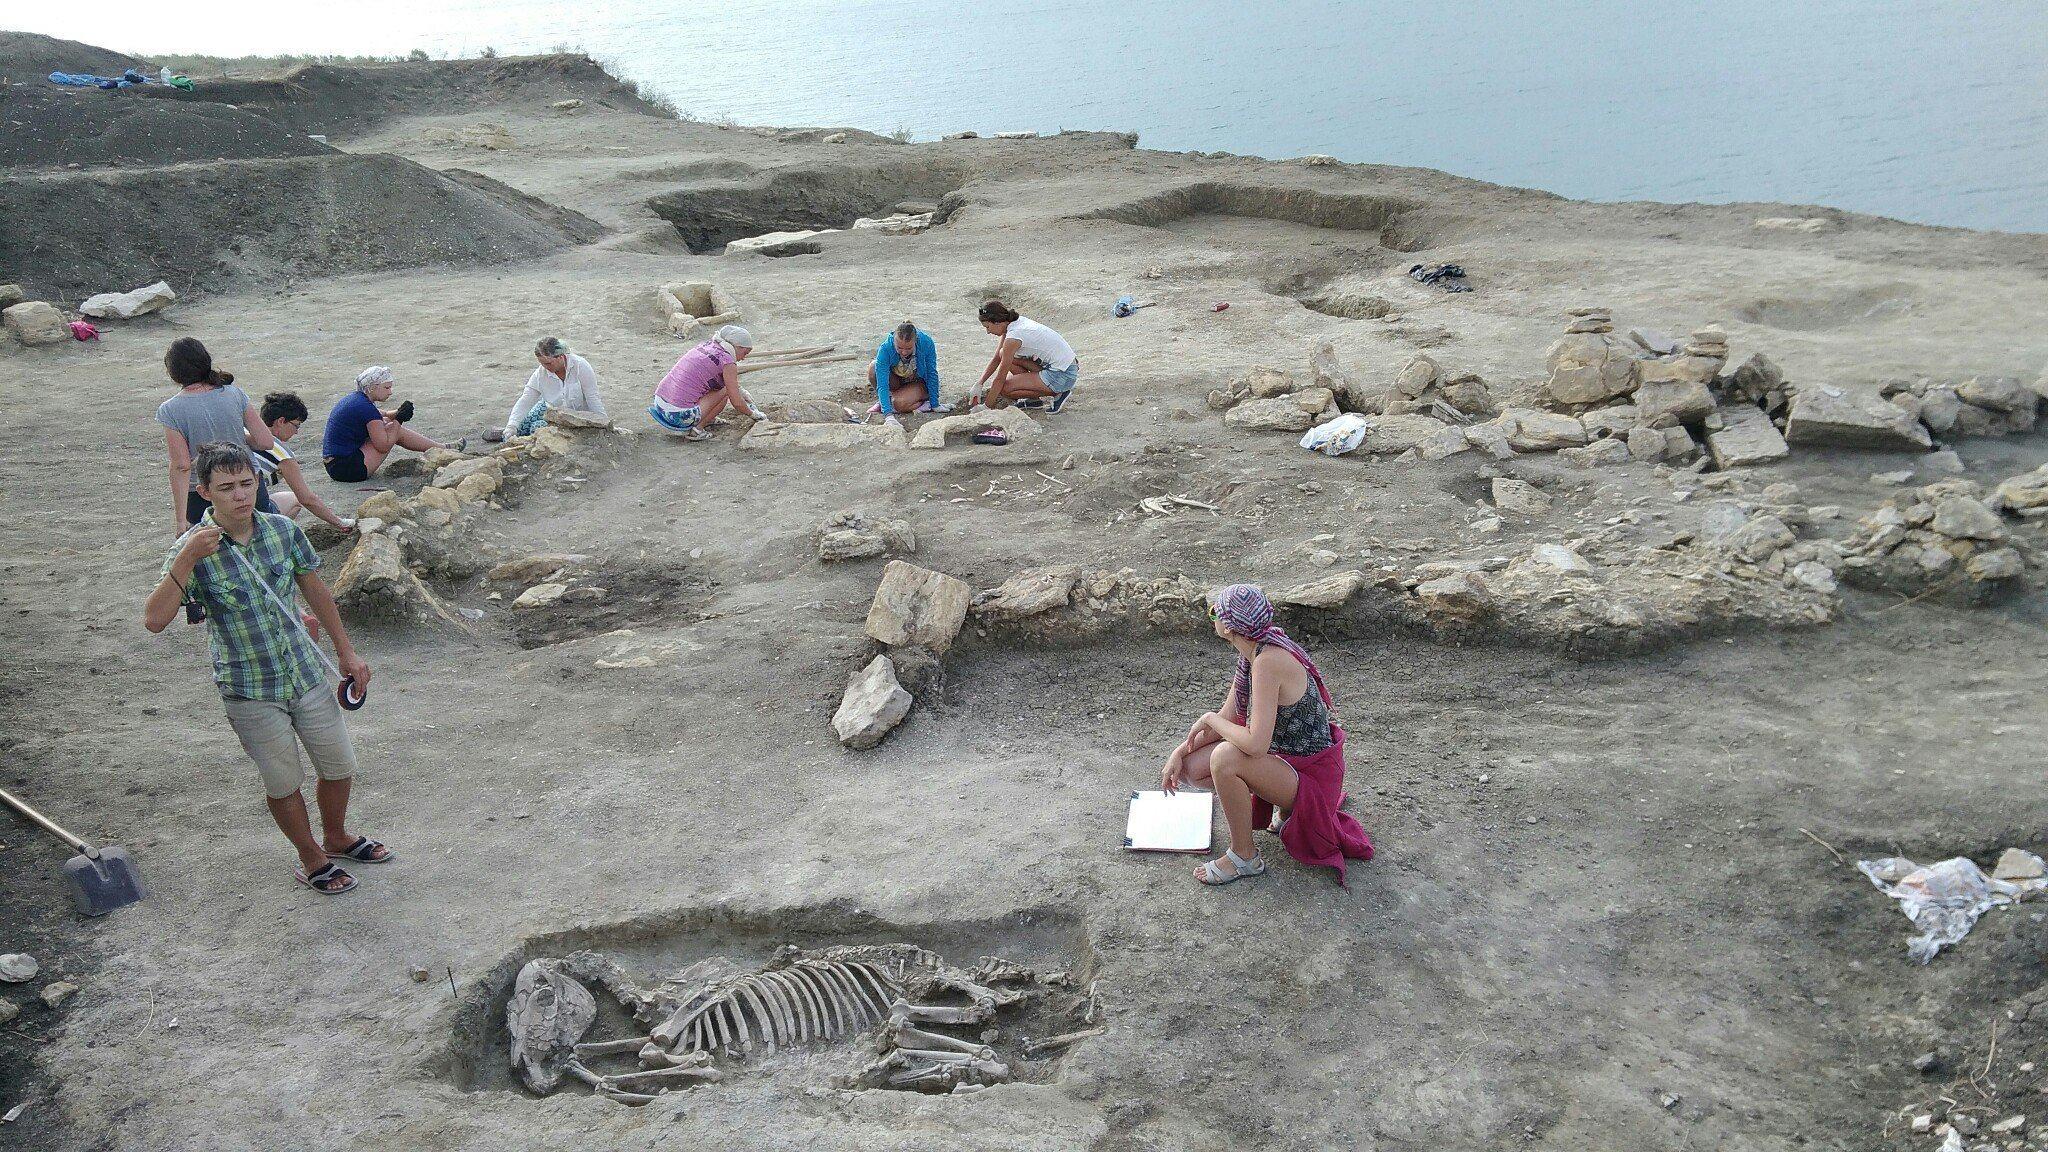 Рядом с головой скелета обнаружили лепной сосуд, мелкие бусины и пастовое стекло, а на его правой ру